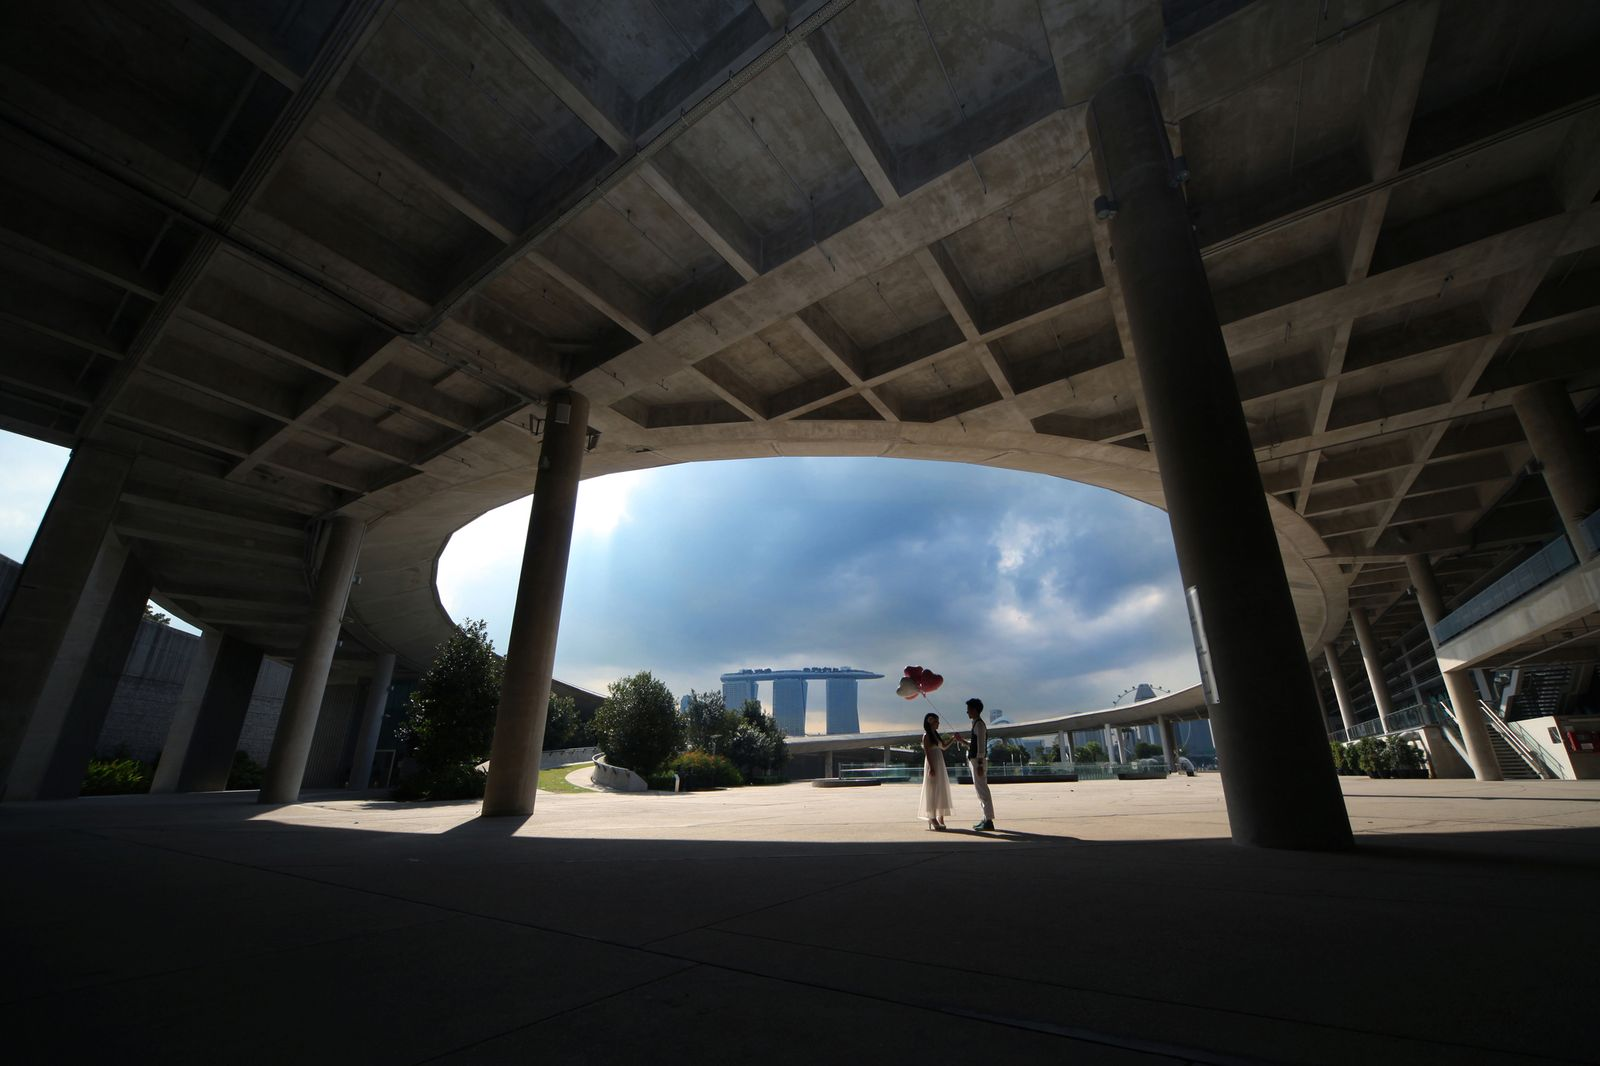 写真提供:Rphoto / PIXTA(ピクスタ)